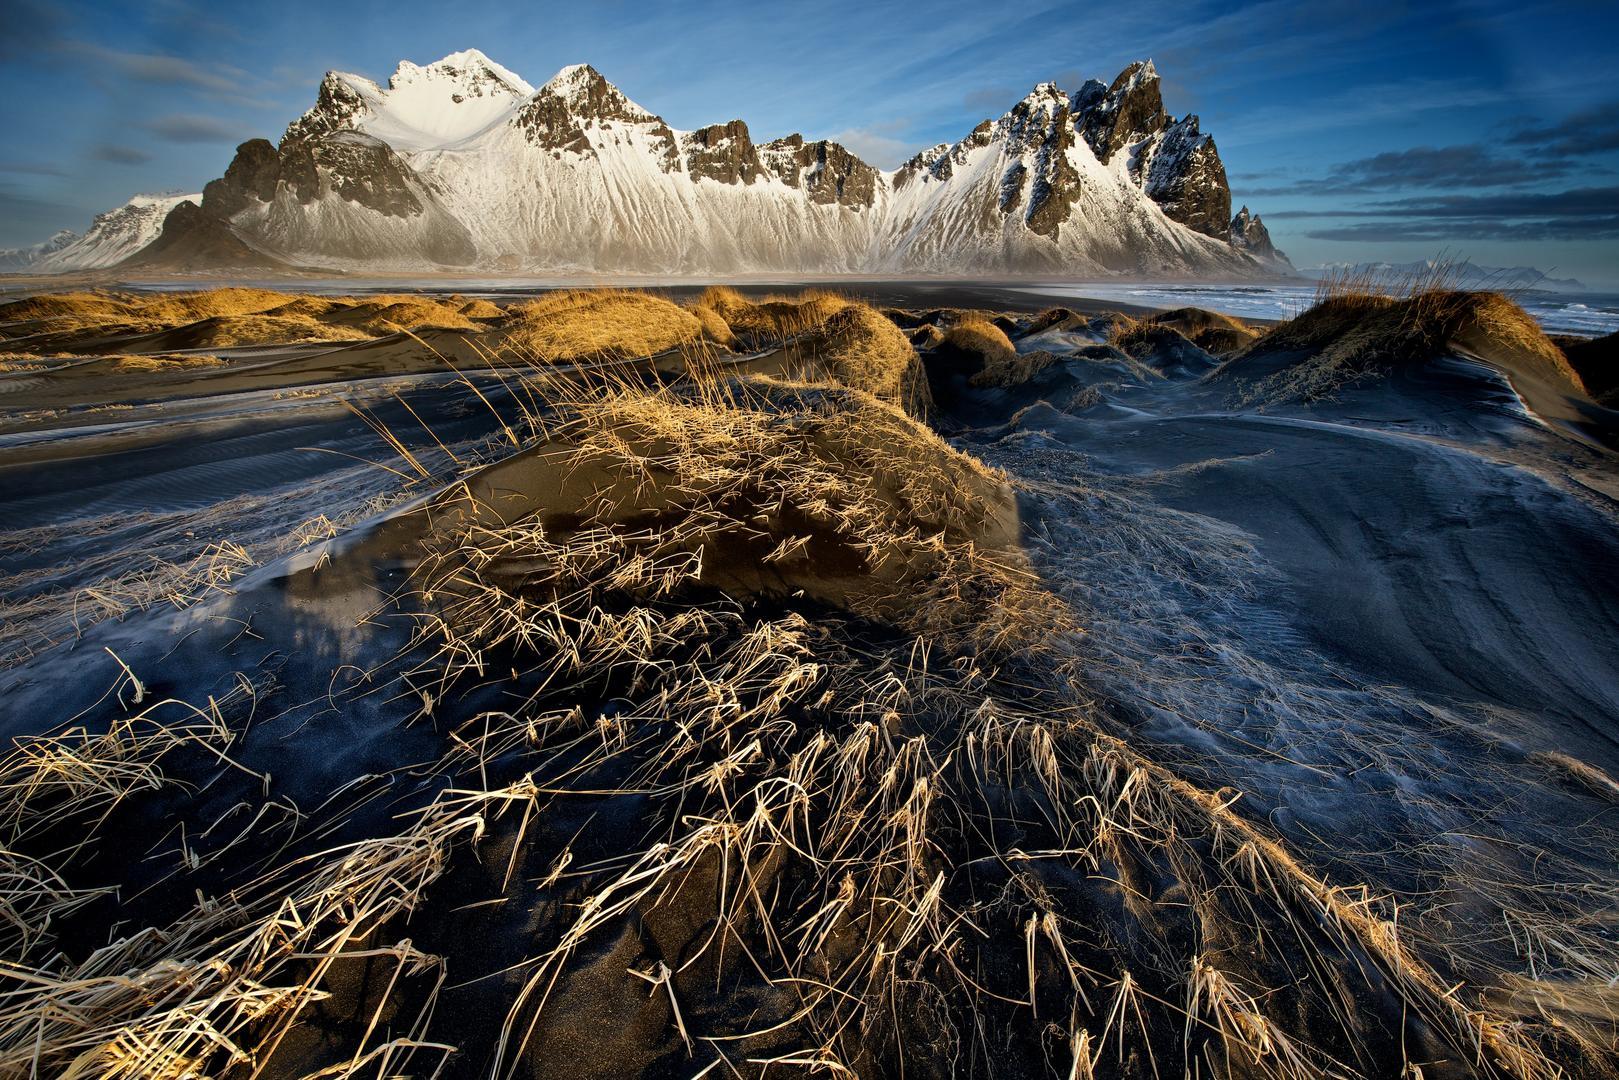 Слияние морского и земного, © Тревор Коул, 3 место зрительного голосования, Фотофестиваль FIX